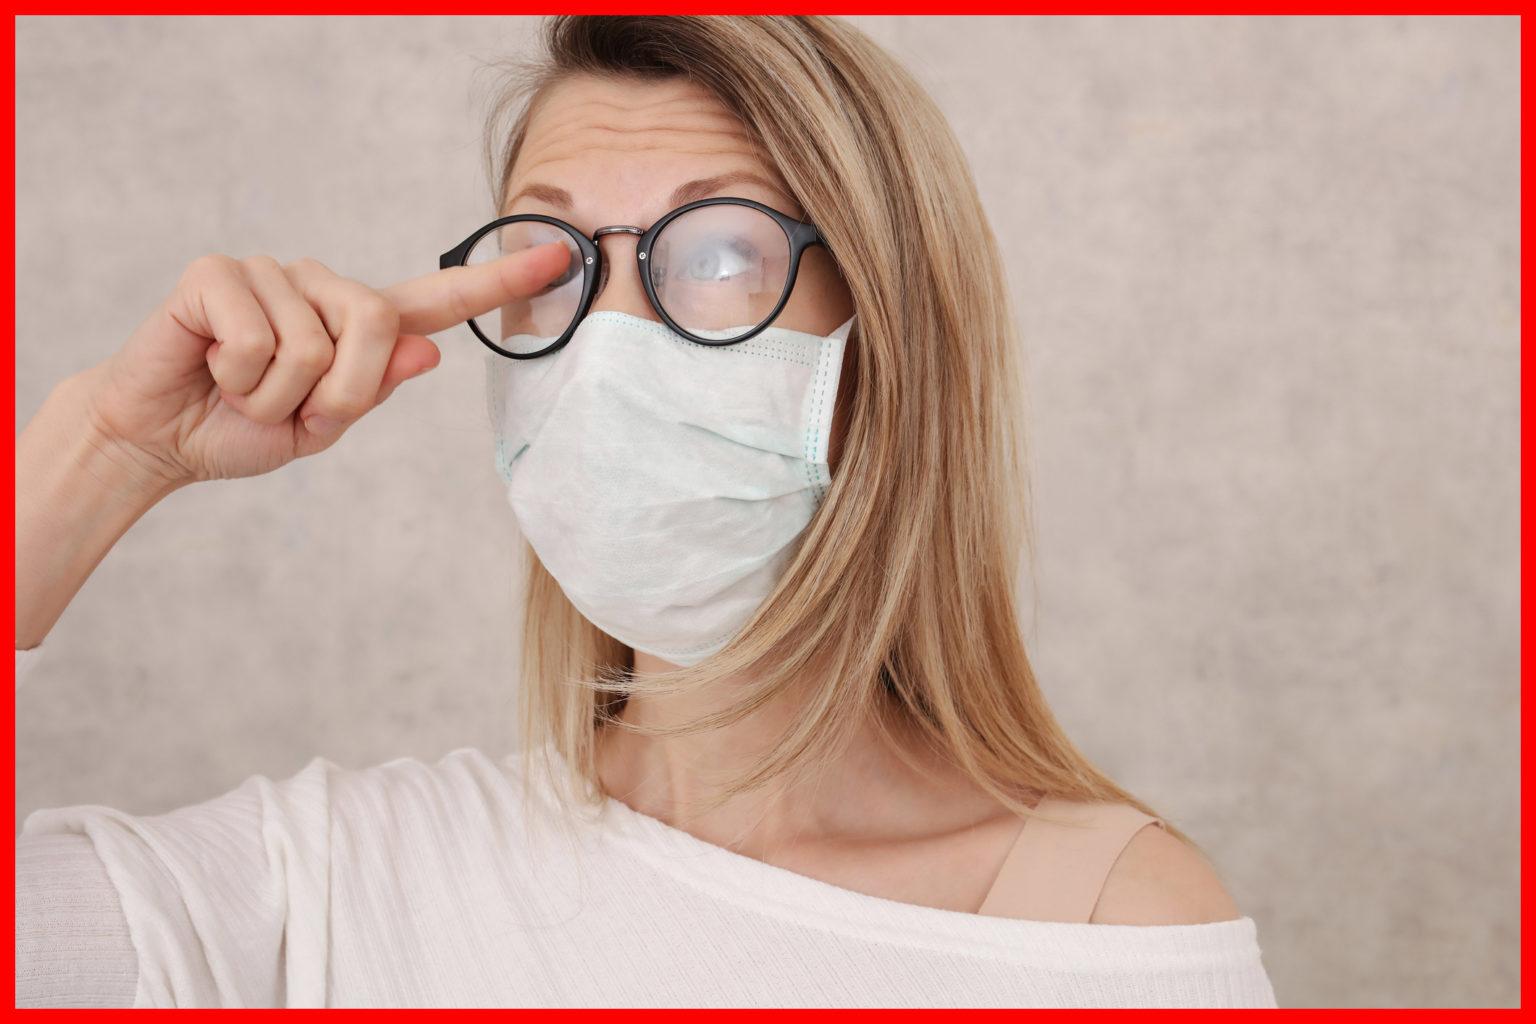 lunettes anti buée avec masque de protection anti covid 19